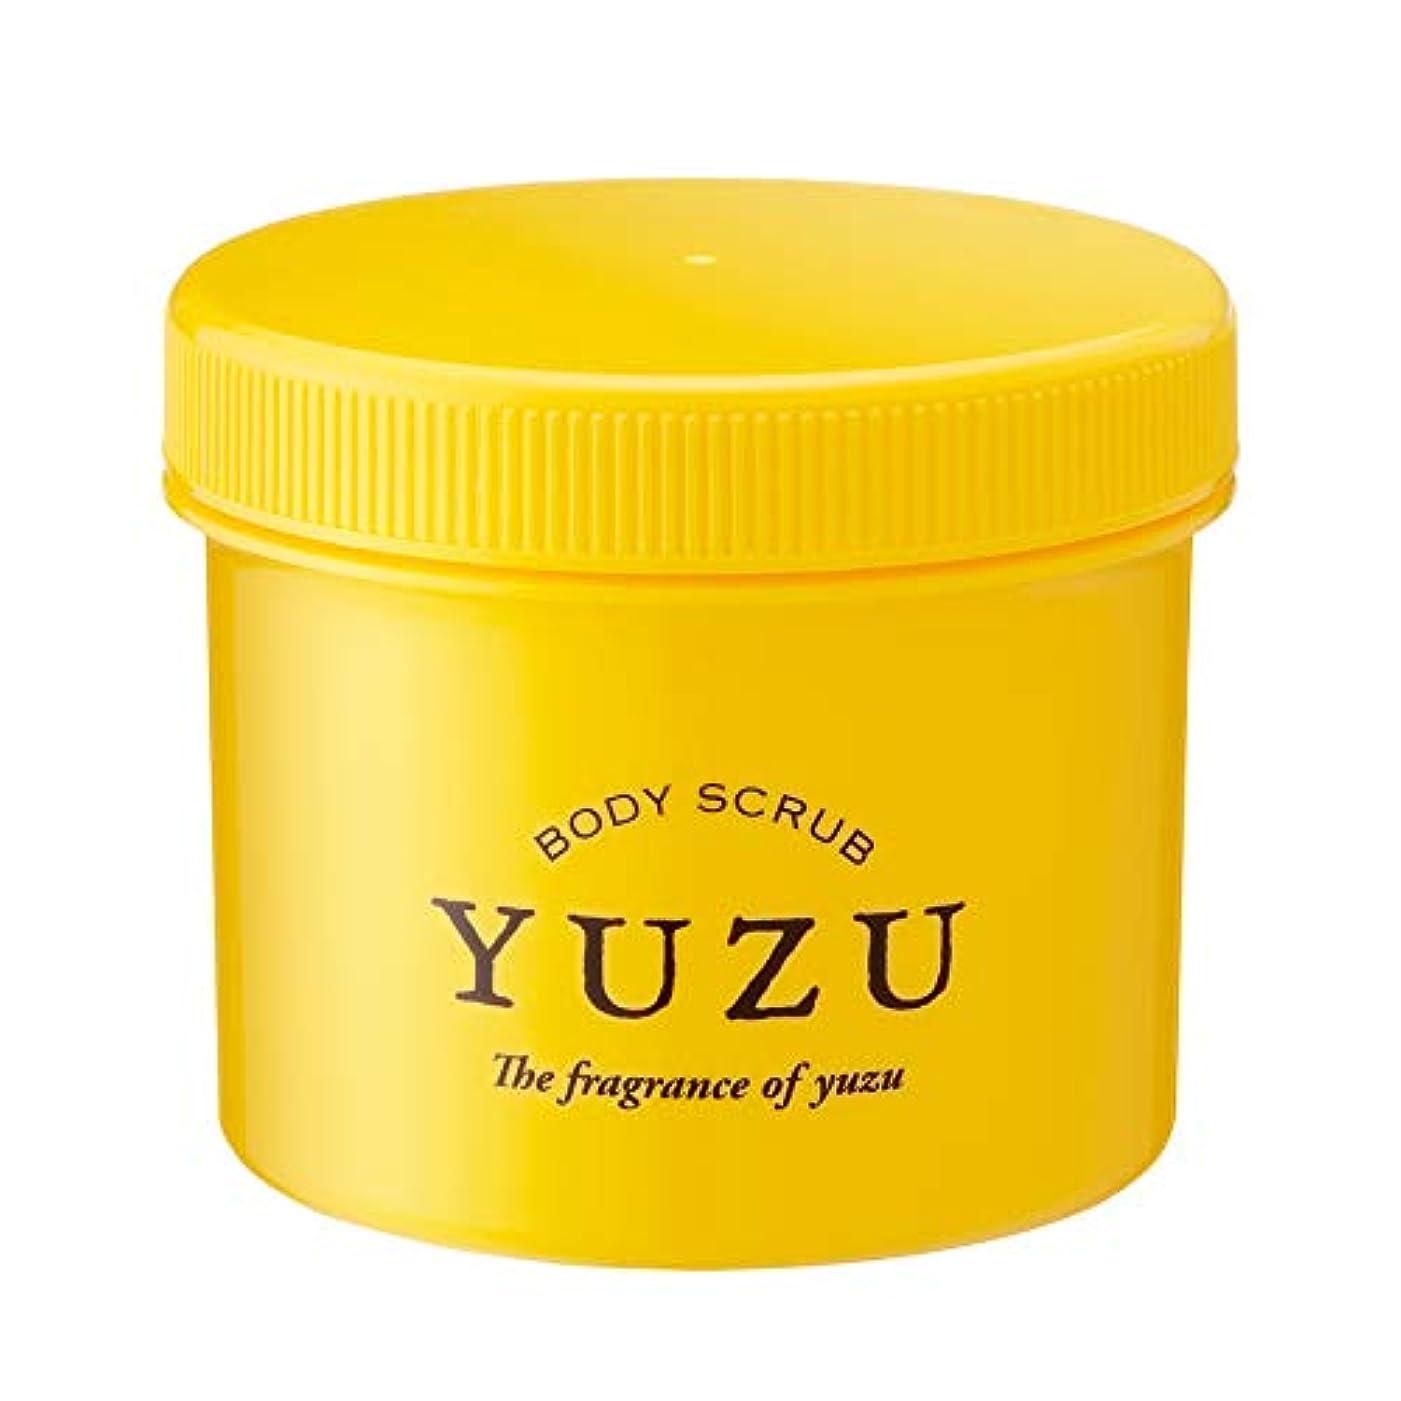 民族主義交渉するキリン(美健)ビケン YUZU ボディマッサージスクラブ 高知県ゆず精油のみで香り付け